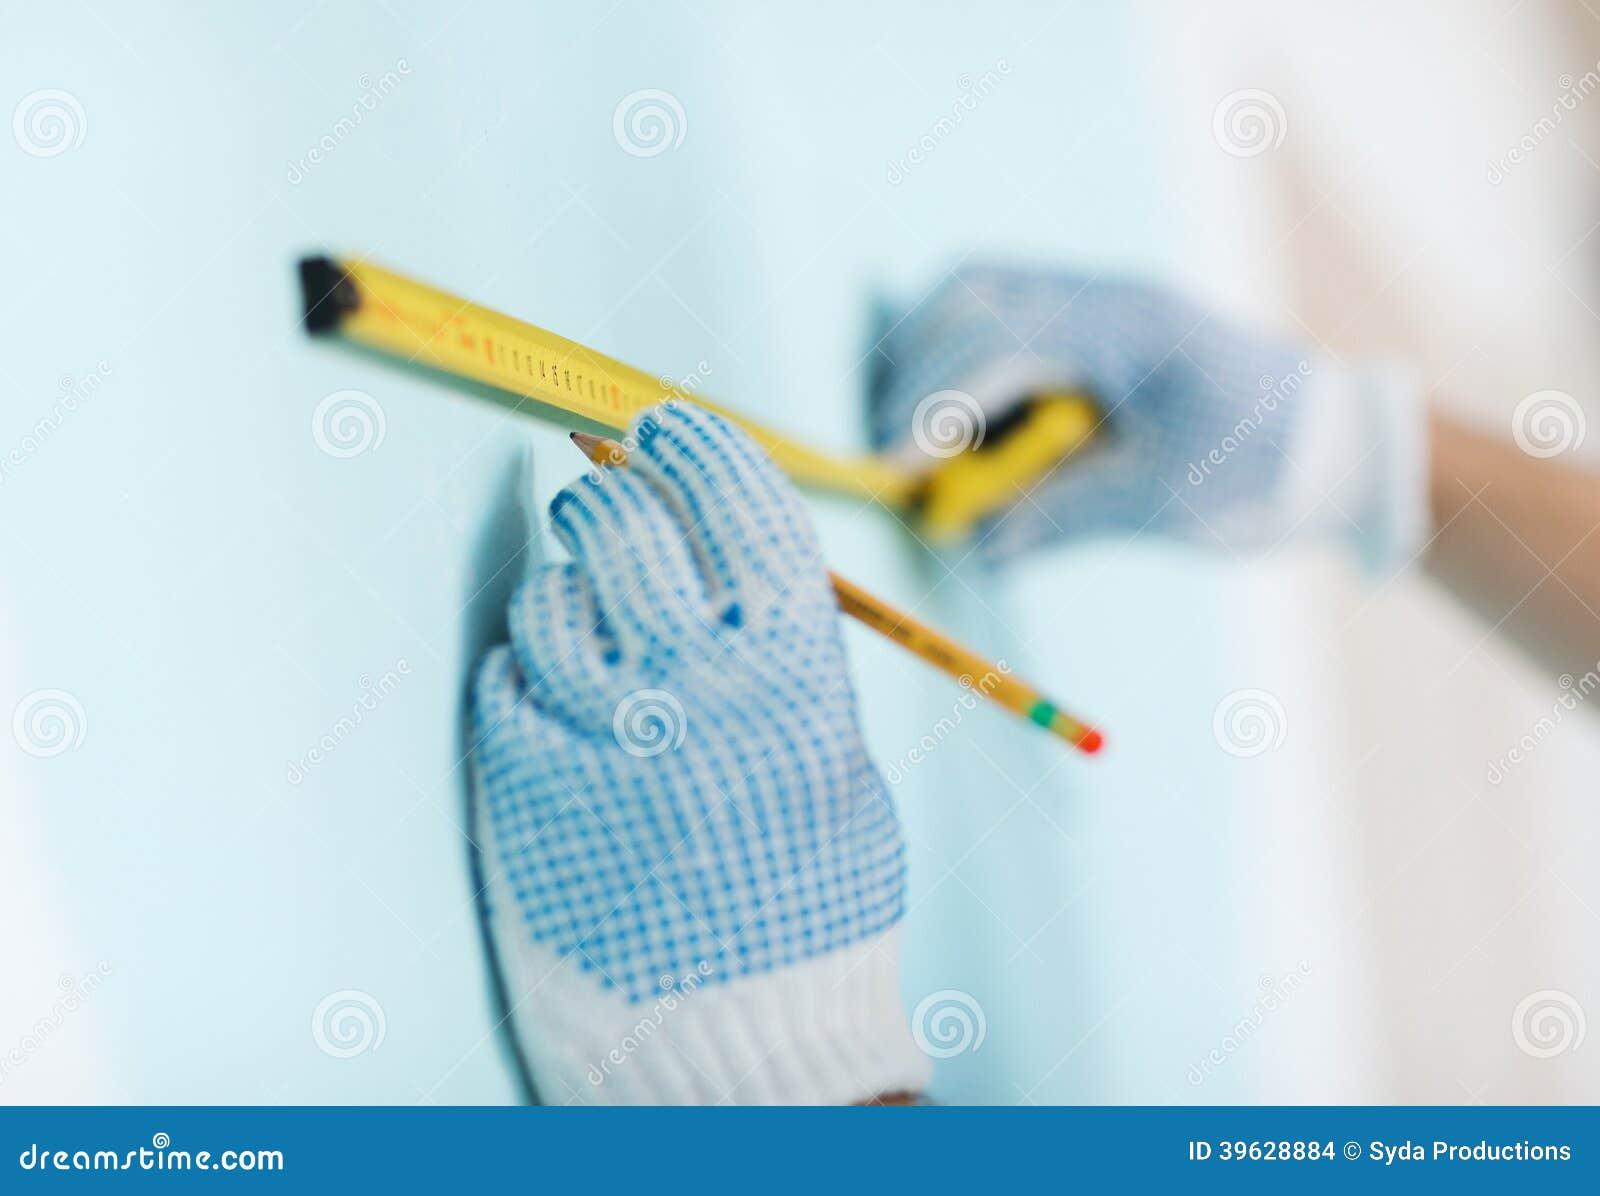 Primo piano del maschio in guanti che misurano parete con nastro adesivo